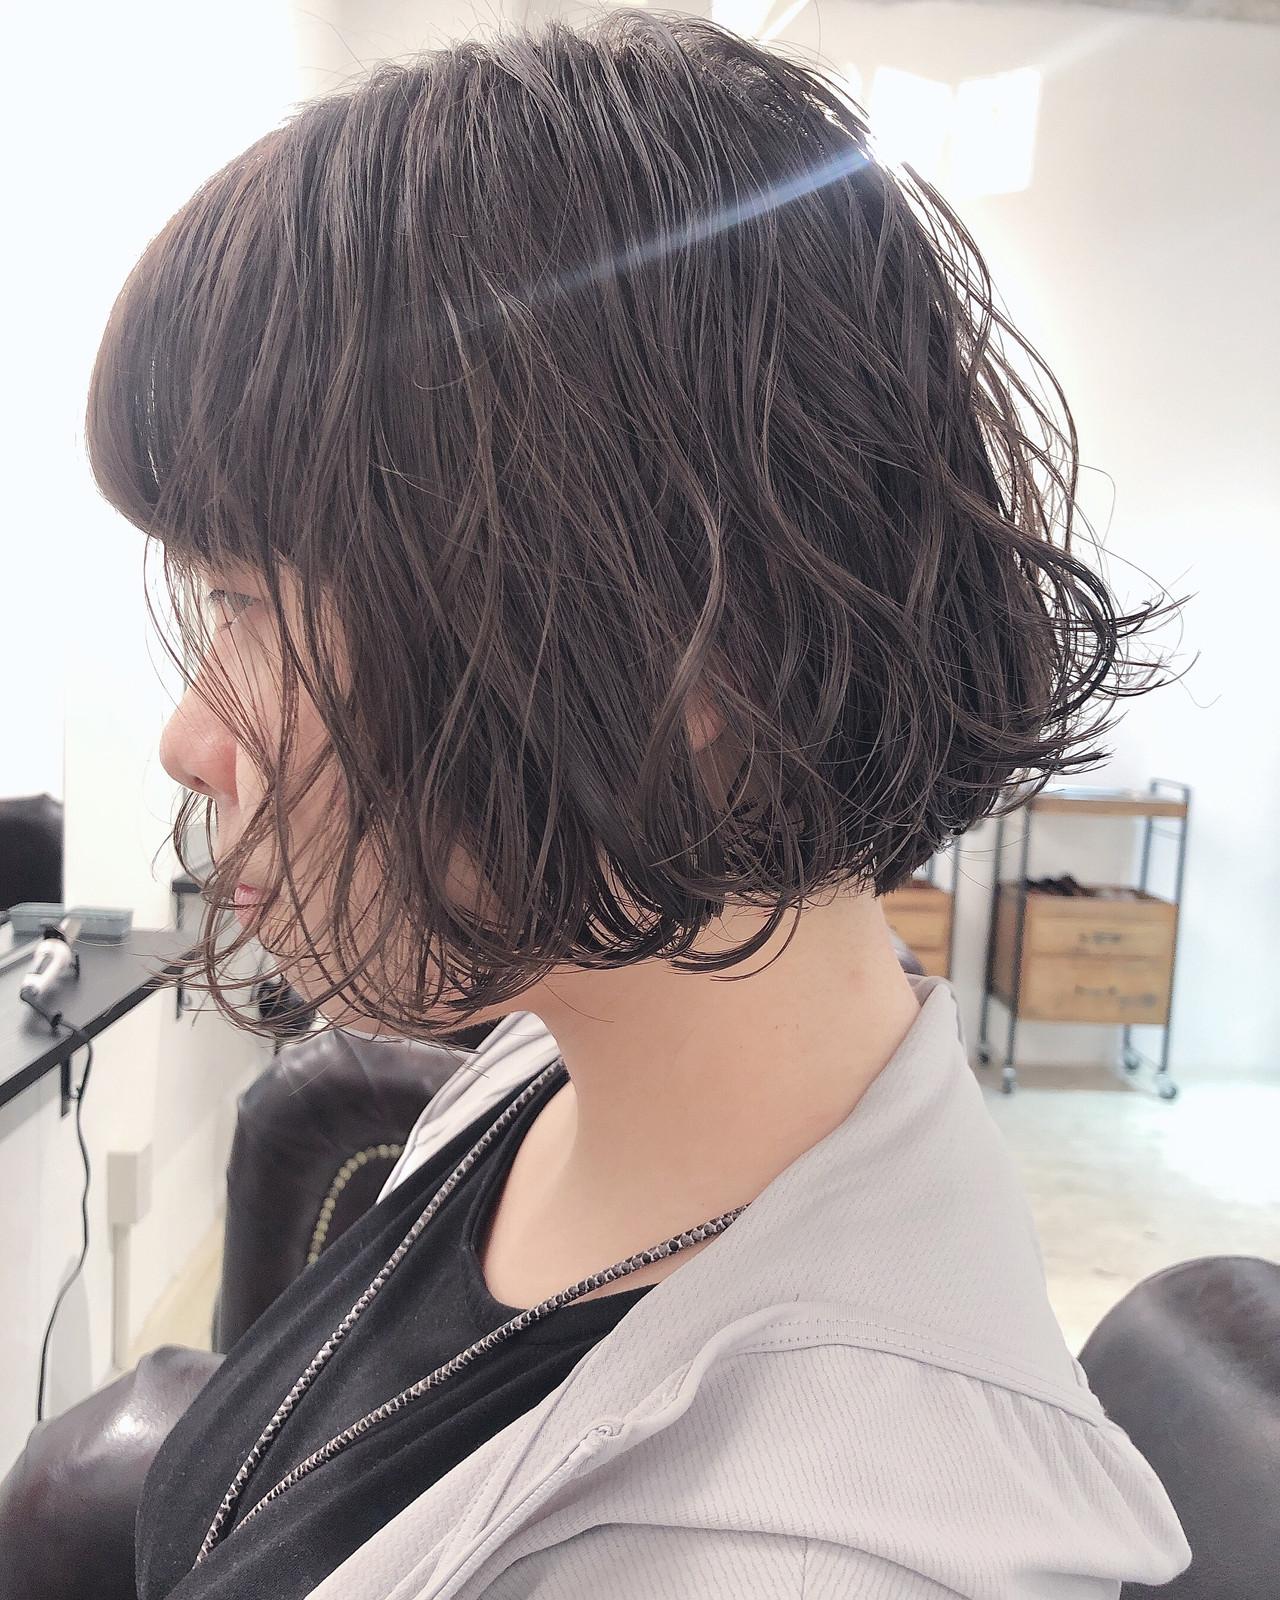 ボブ アンニュイほつれヘア グレージュ オリーブカラー ヘアスタイルや髪型の写真・画像